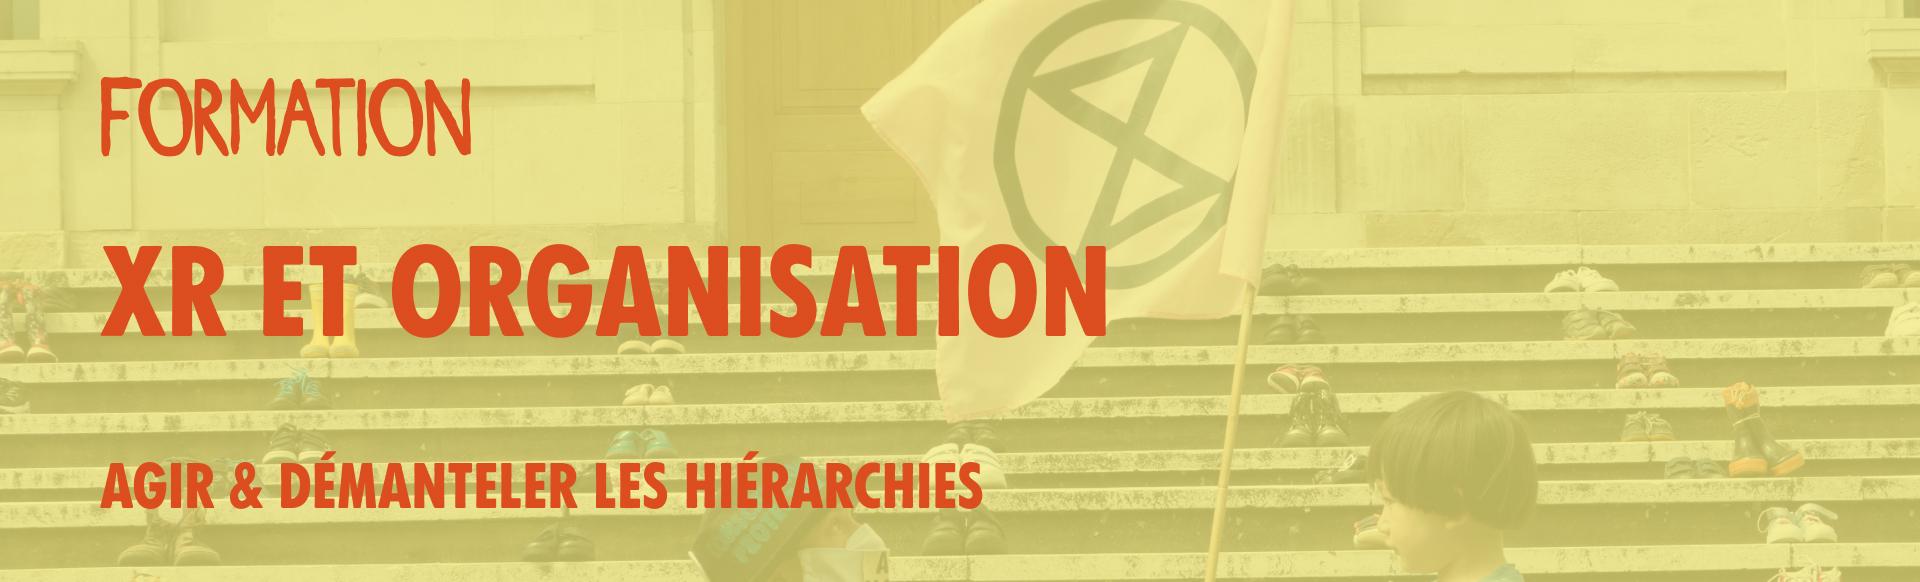 Formation XR et organisation